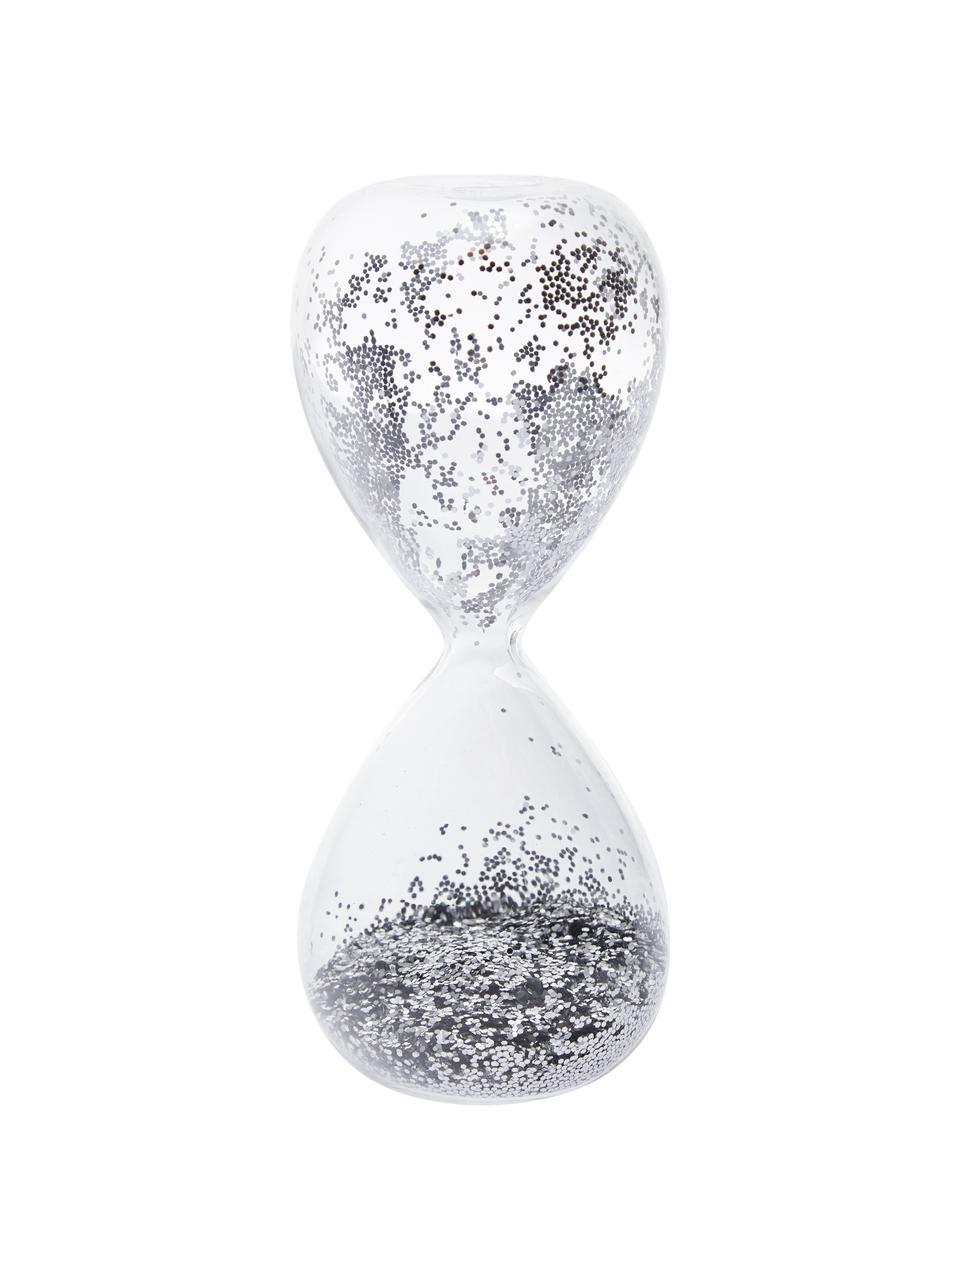 Objet décoratif Hourglass, Transparent, couleur argentée